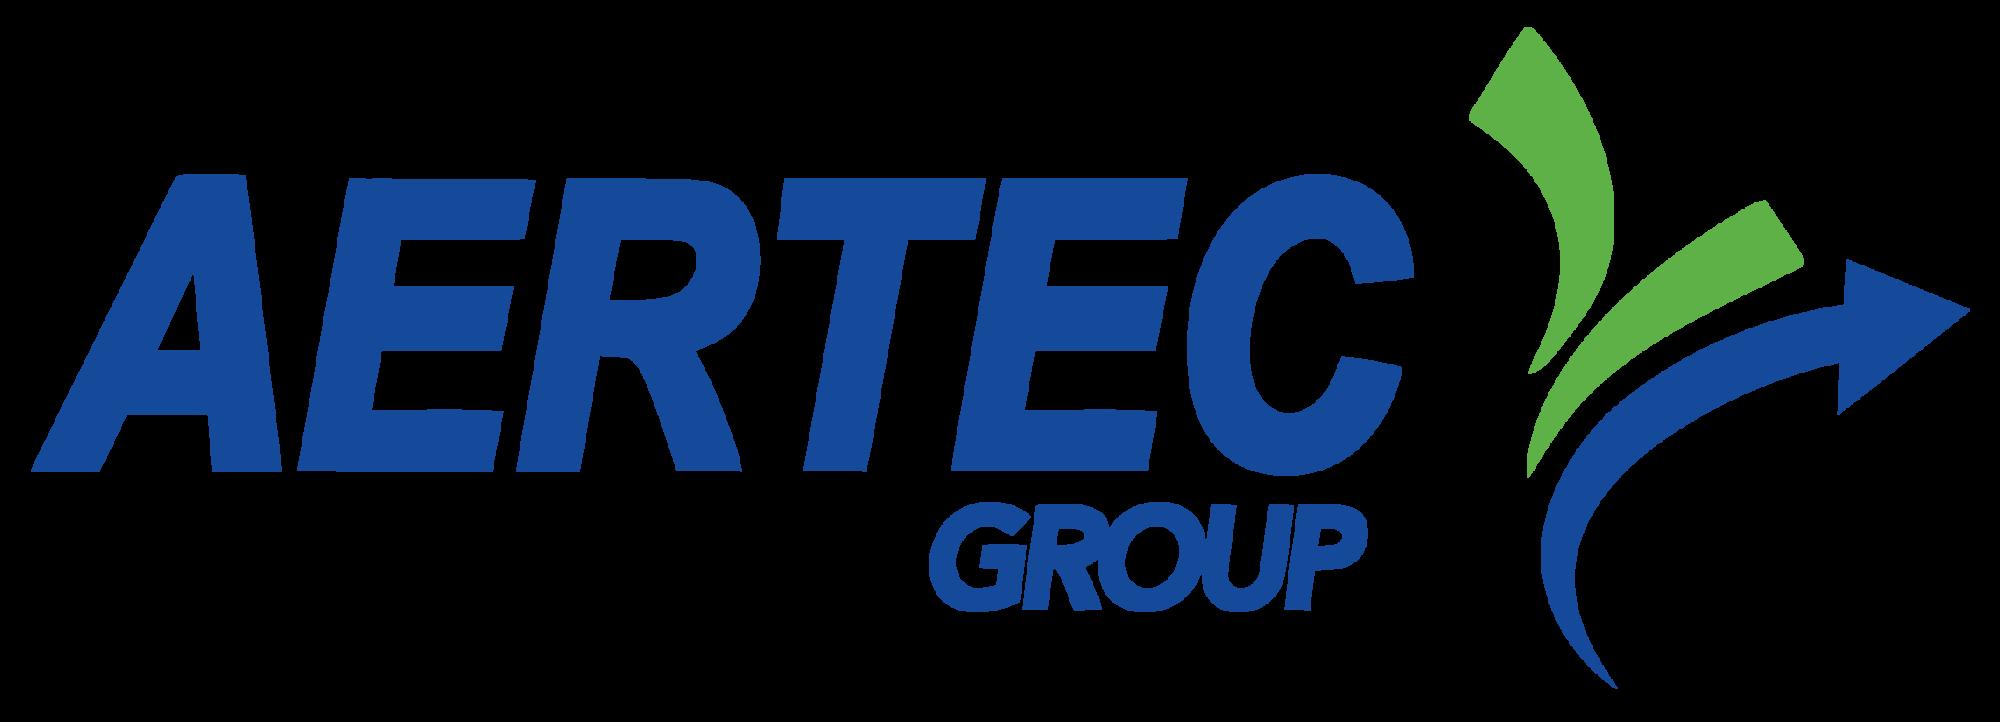 Groupe Aertec